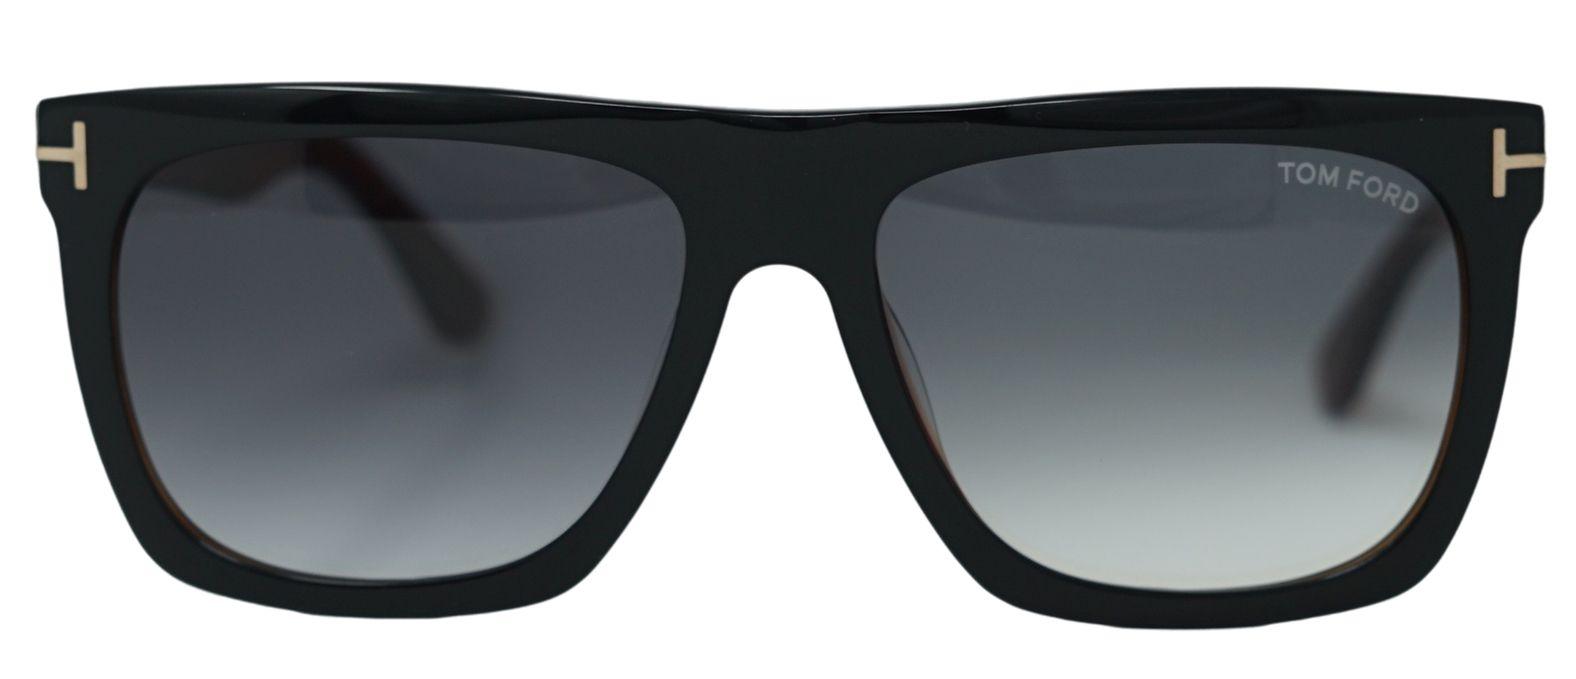 Tom Ford Morgan Sunglasses FT0513 05B